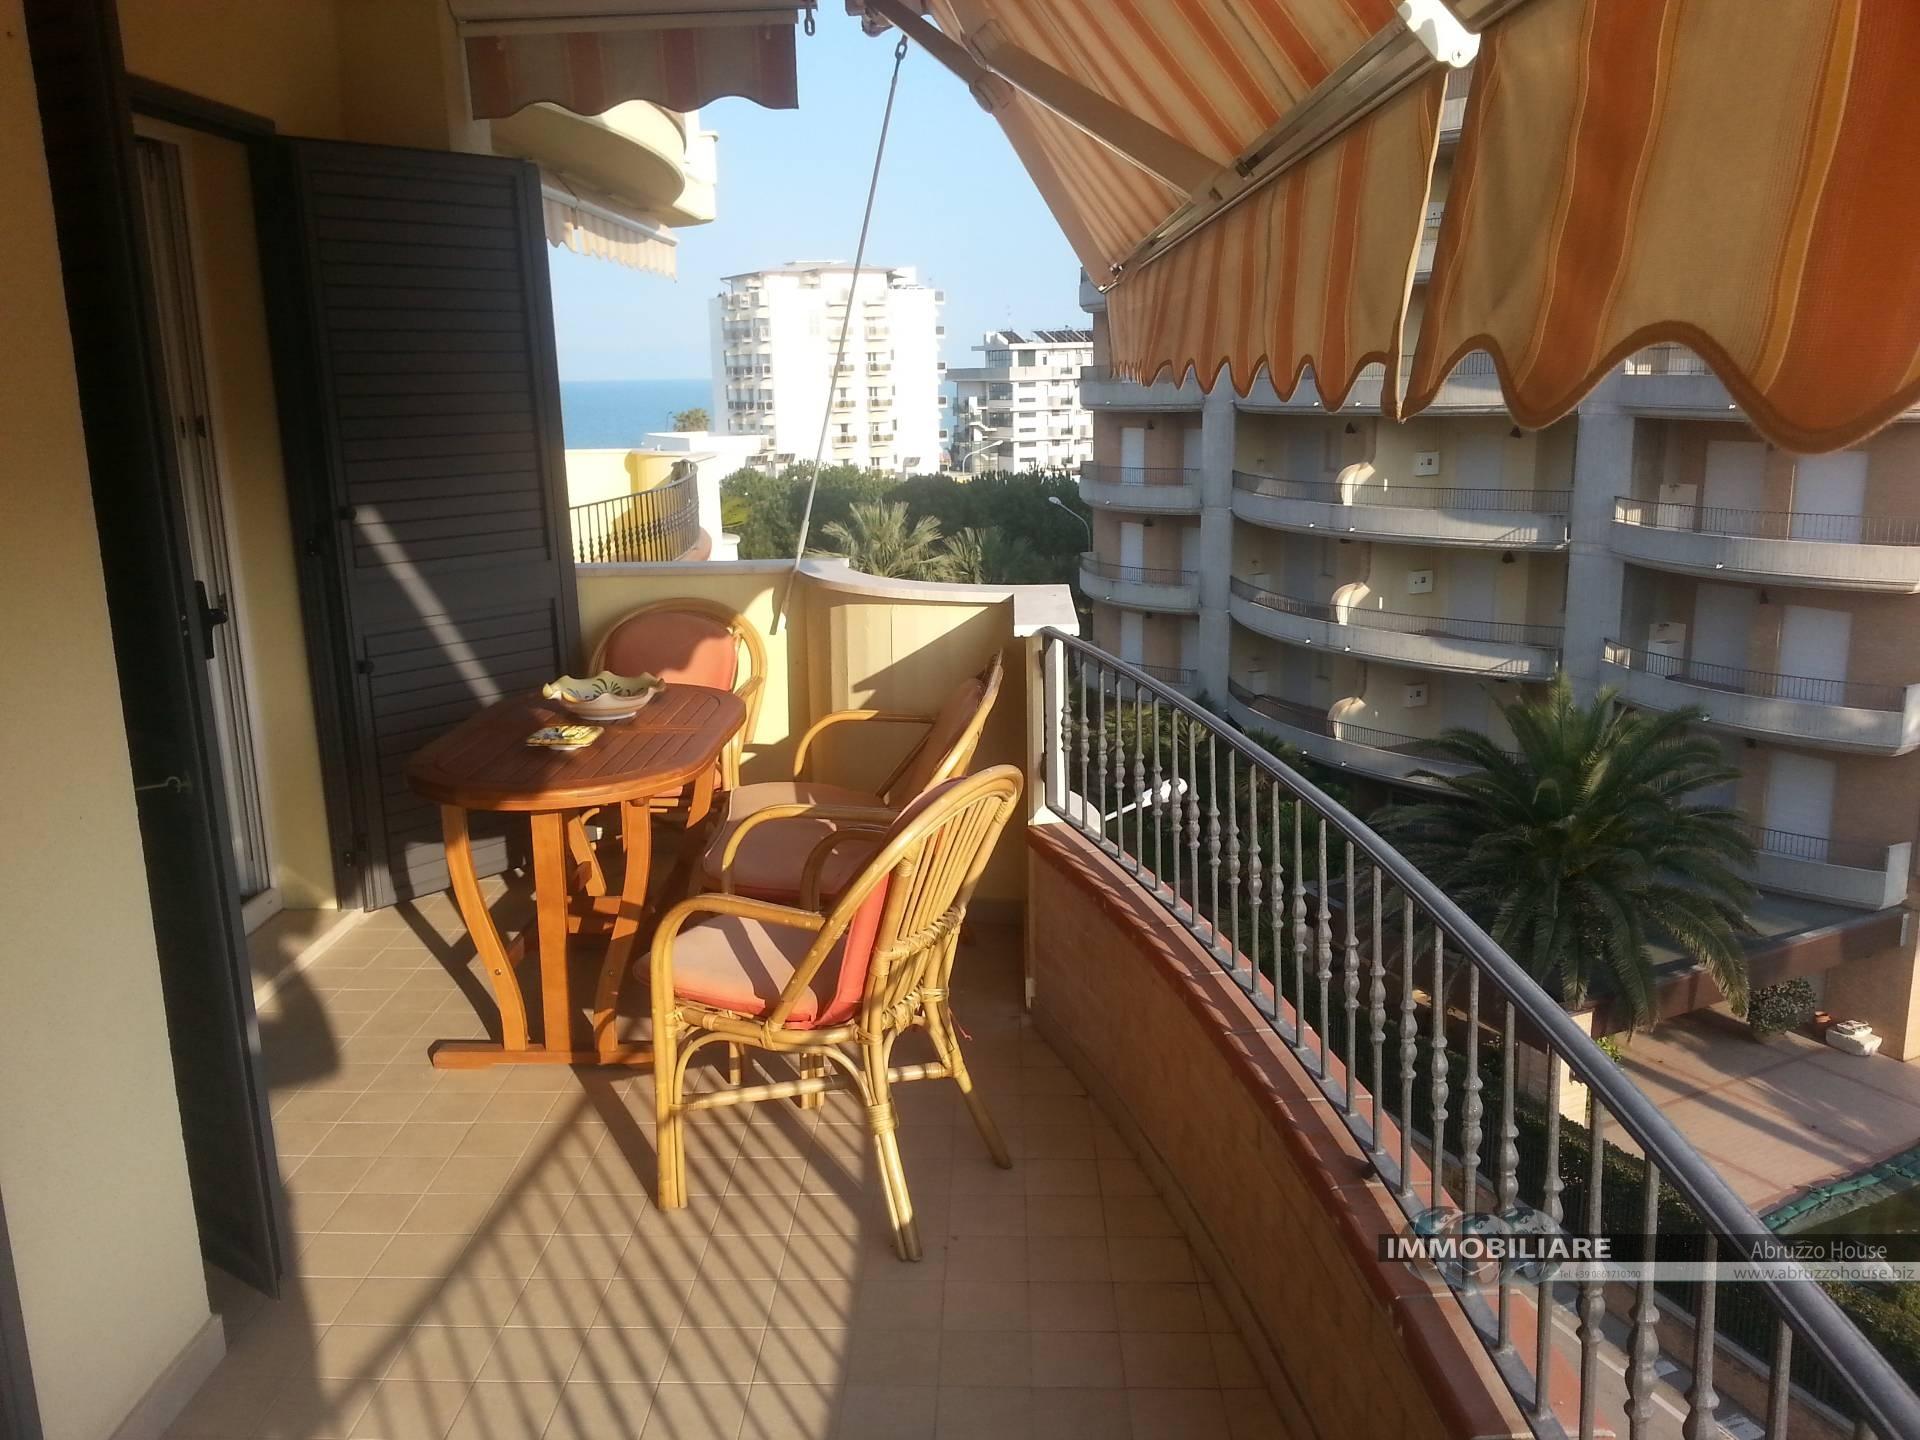 Appartamento in affitto a Alba Adriatica, 4 locali, zona Località: ZonaMare, prezzo € 400   CambioCasa.it